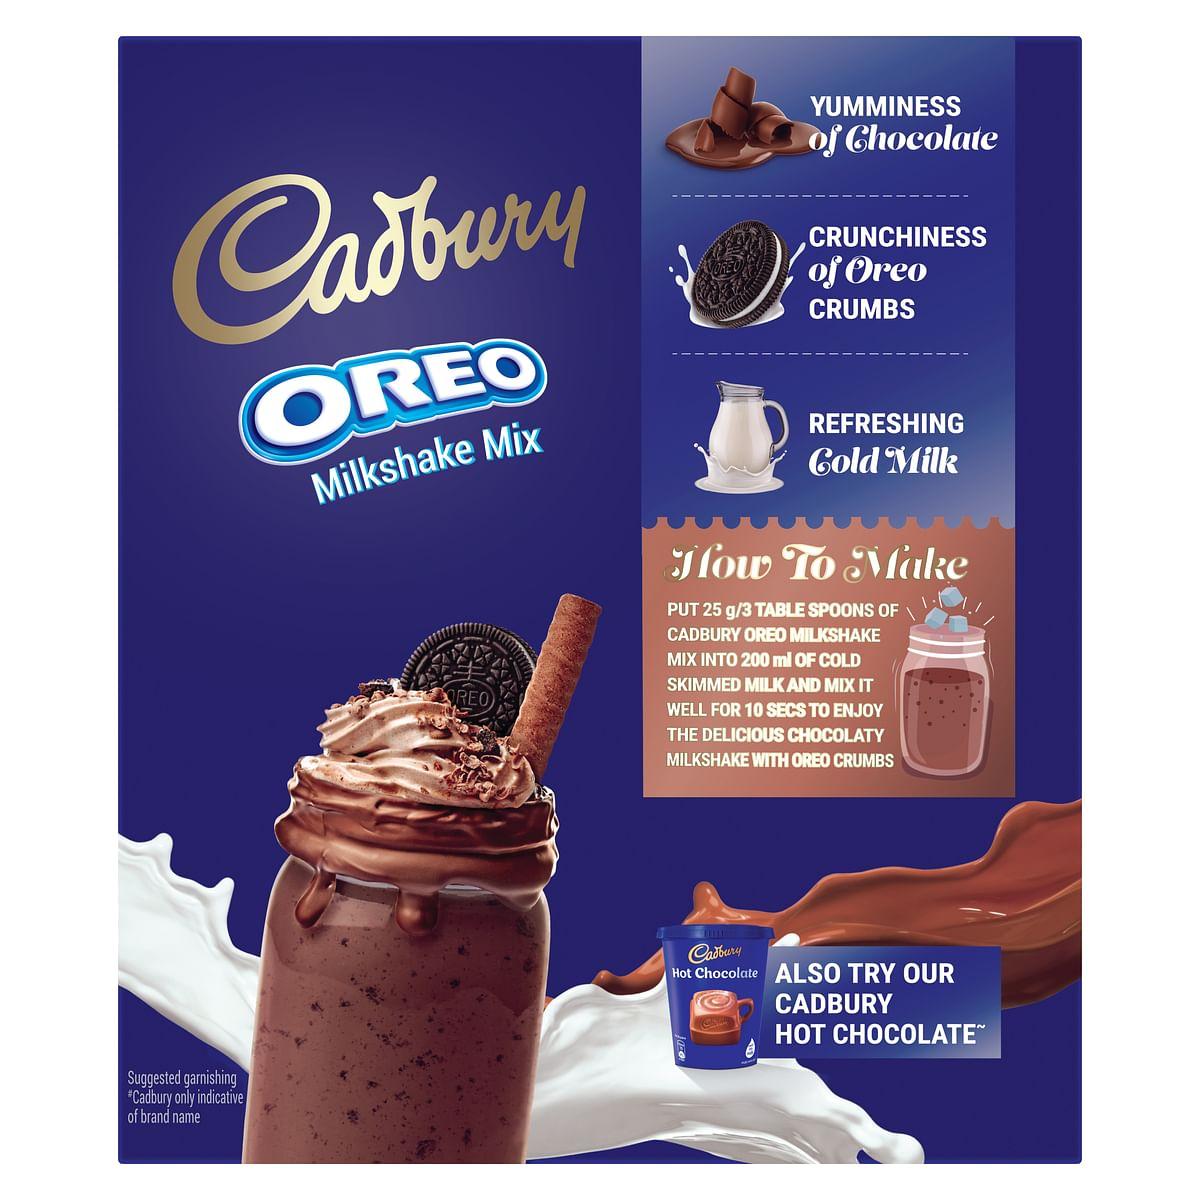 Cadbury Oreo Milkshake DIY guide